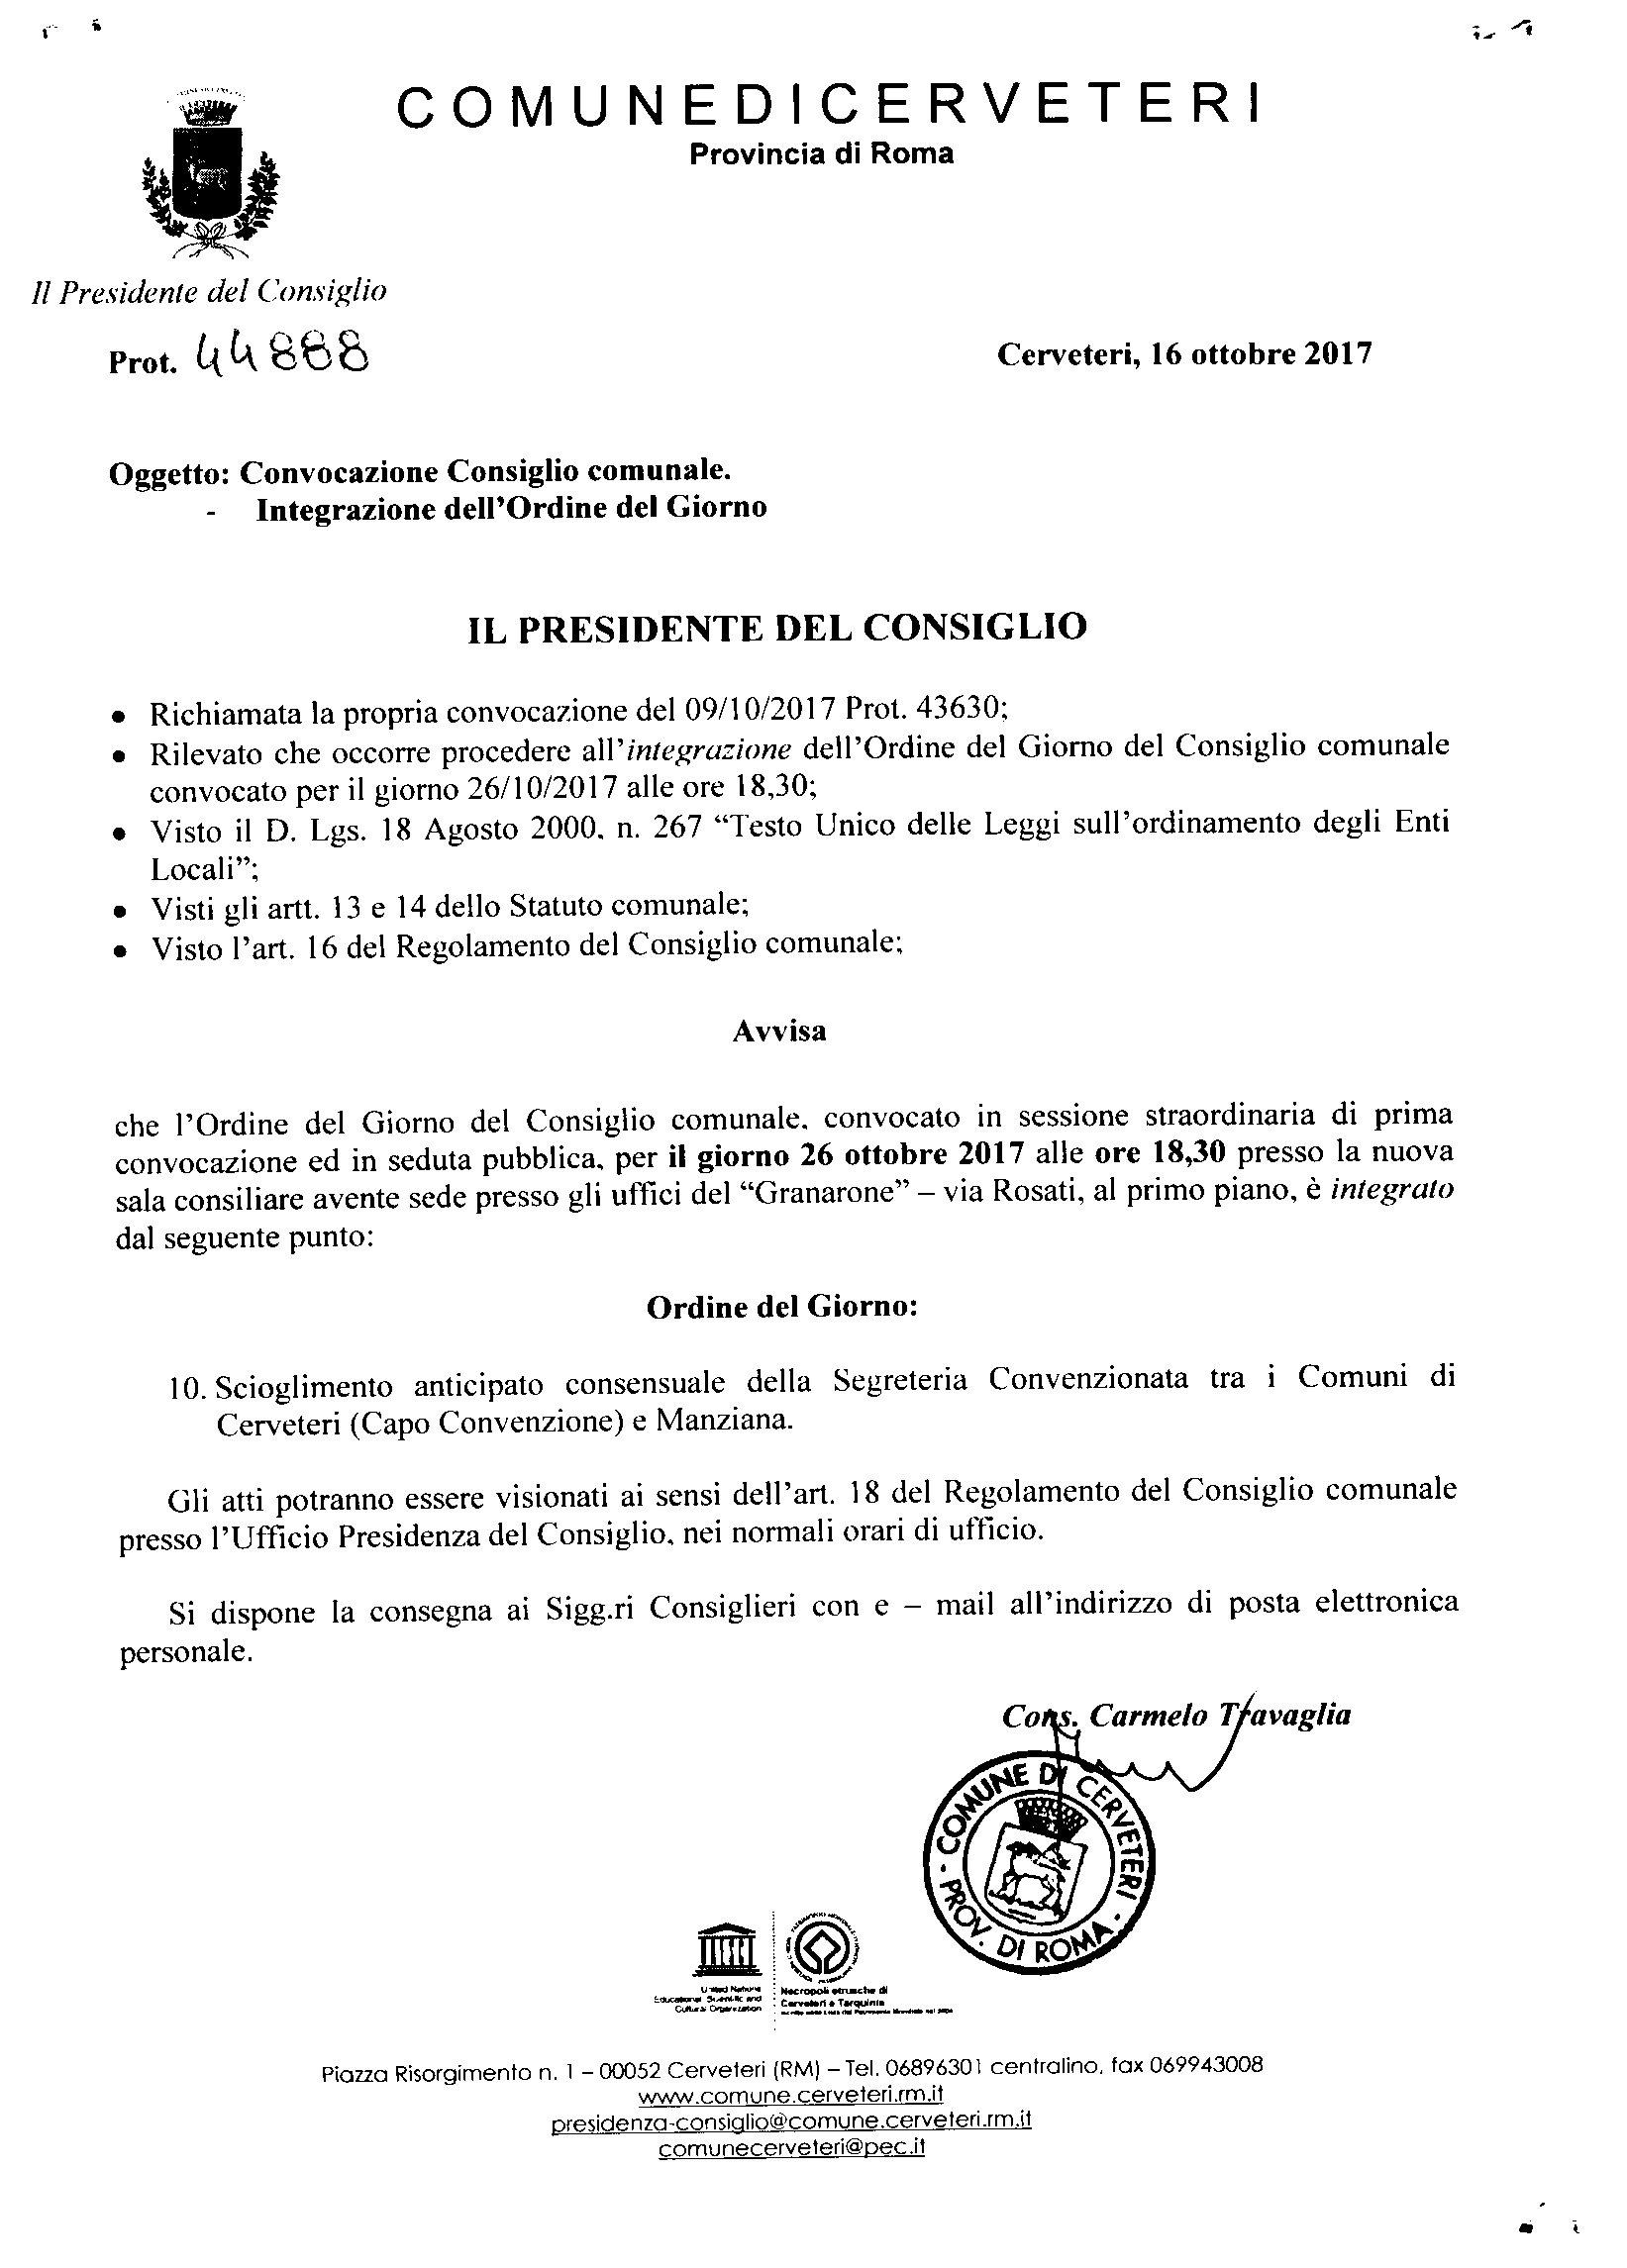 Convocazione Consiglio Comunale del 26/10//2017 - Integrazione Ordine del Giorno